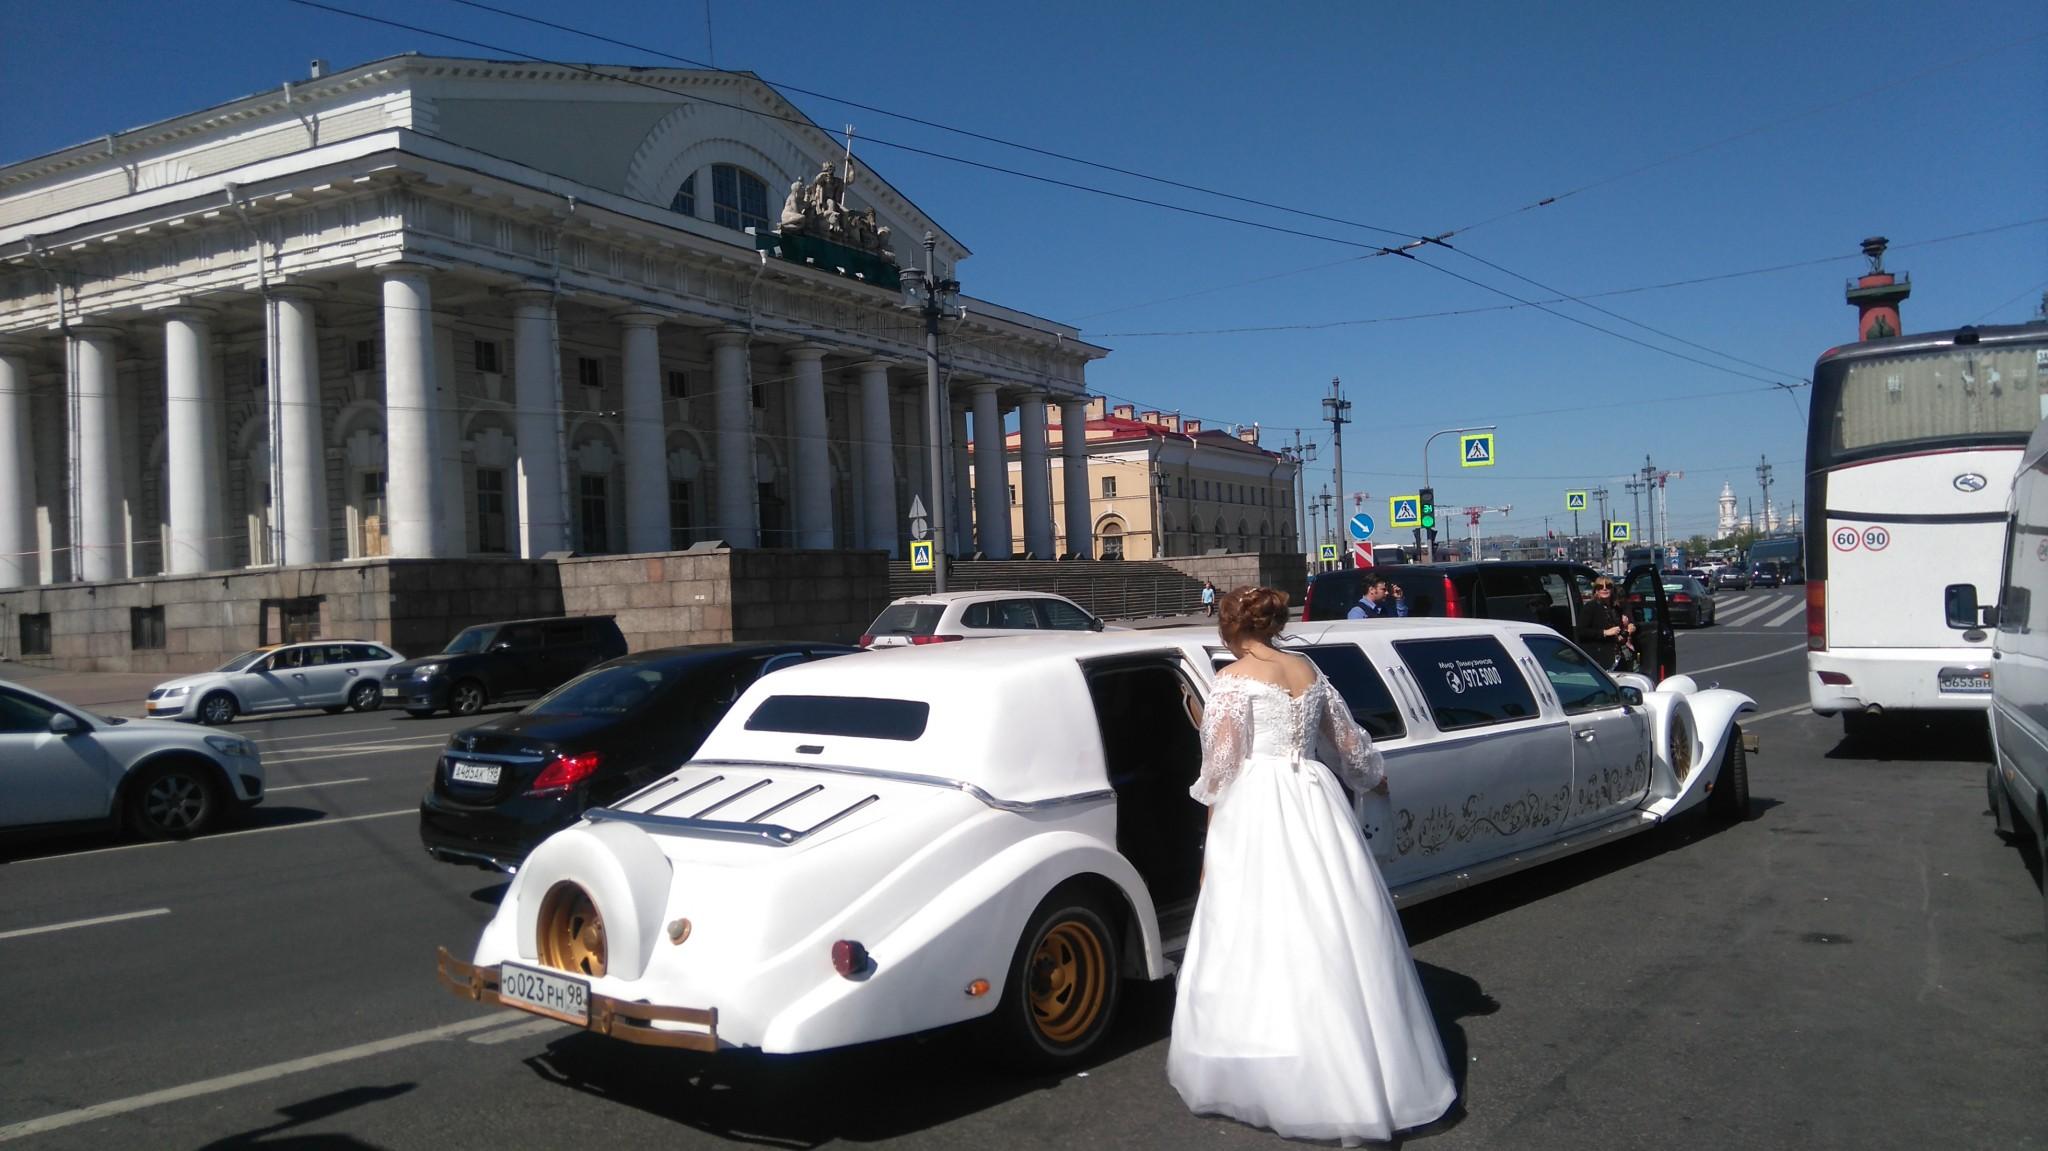 Petersbourg13